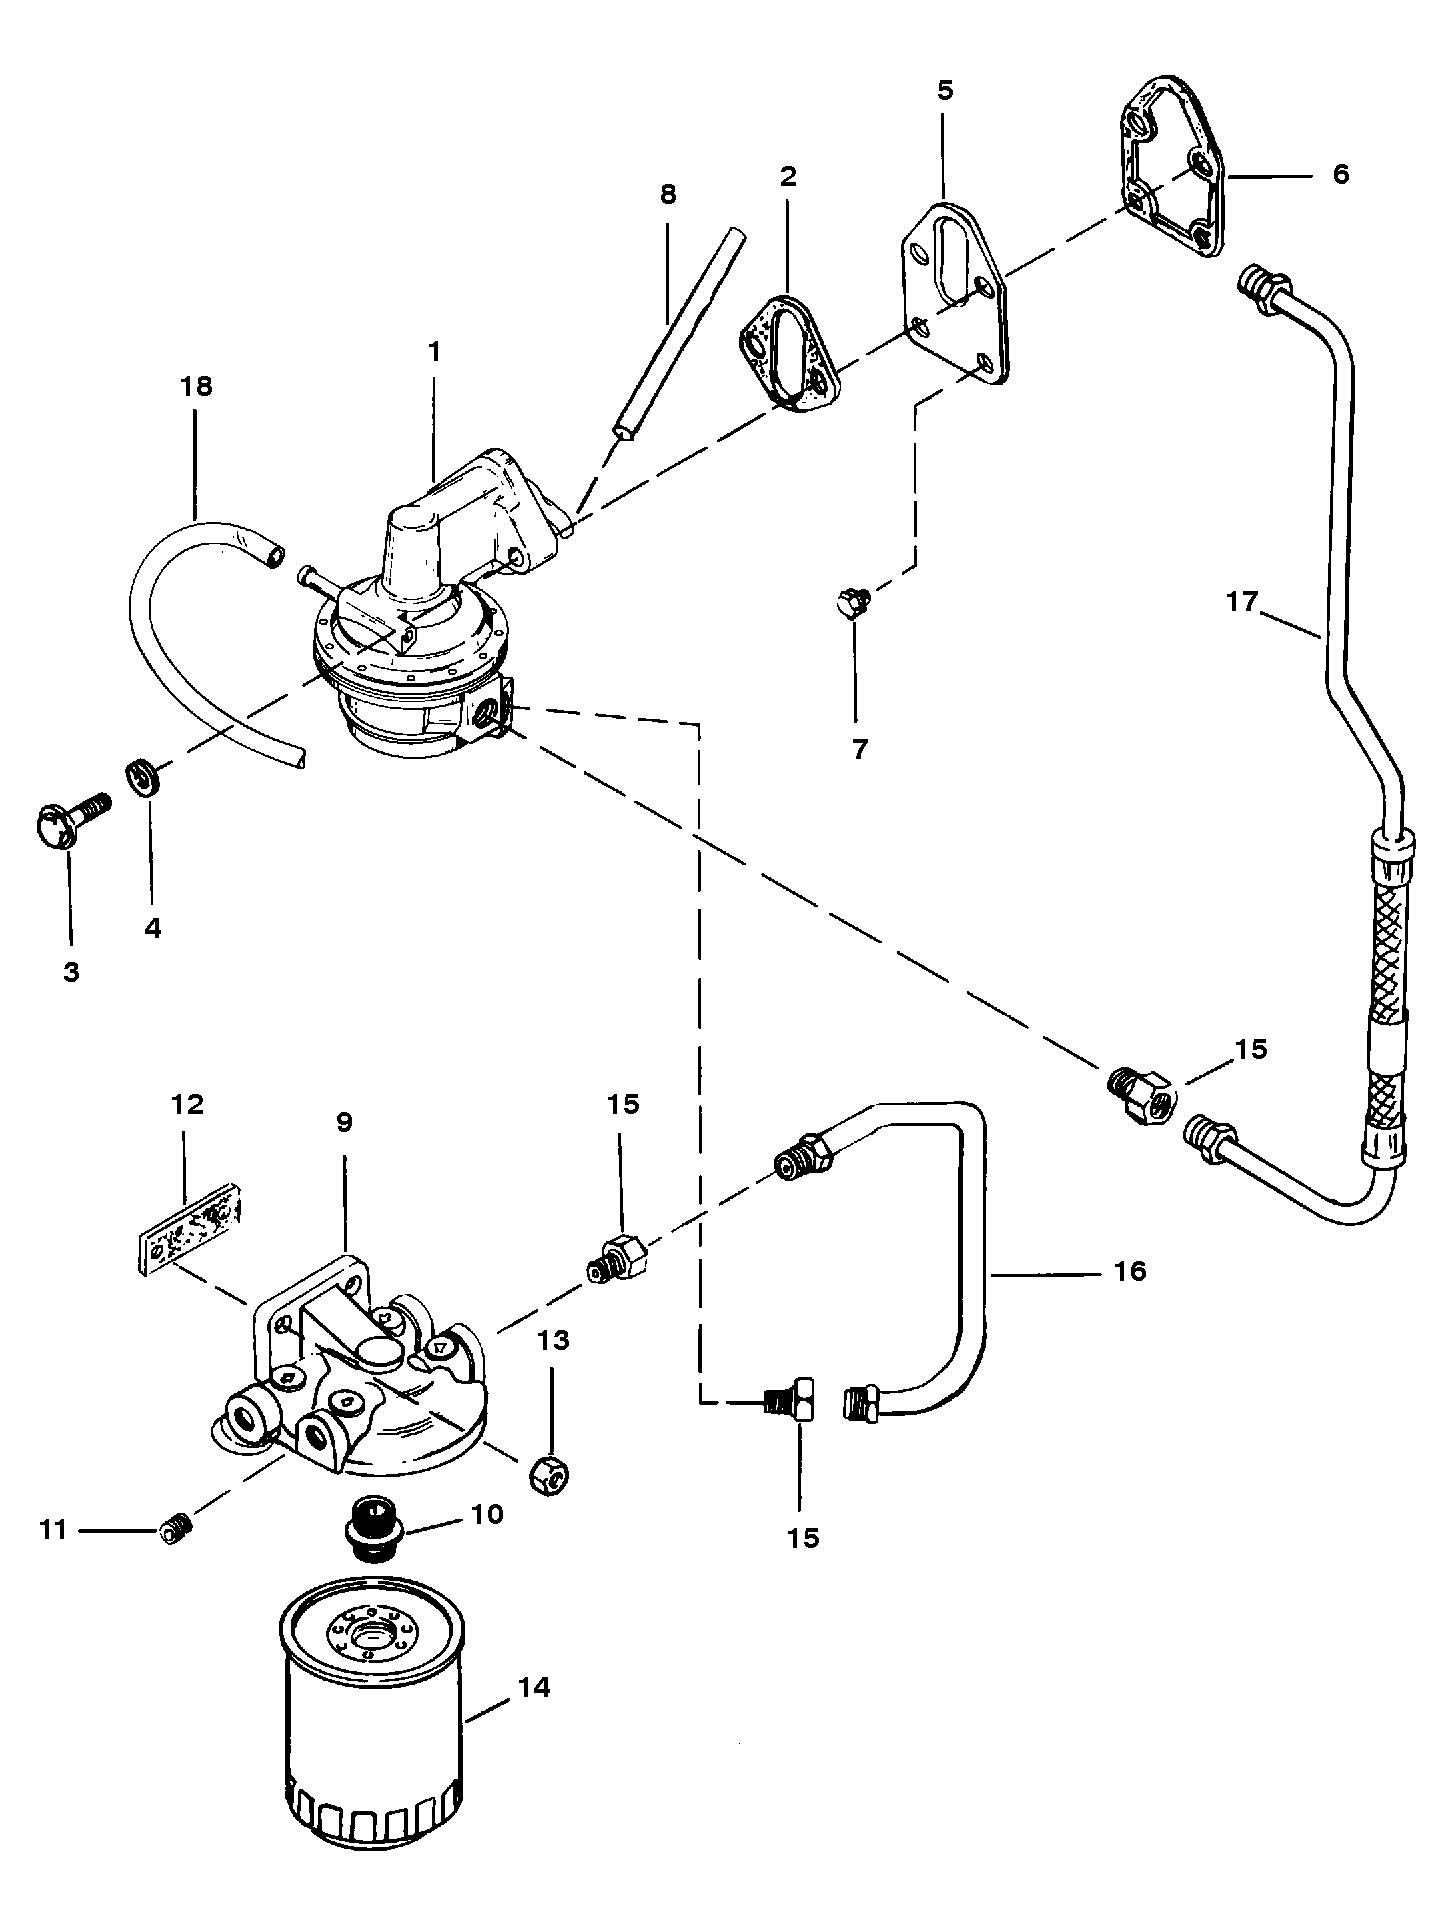 fuel pump and fuel filter for mercruiser 350 magnum bravo